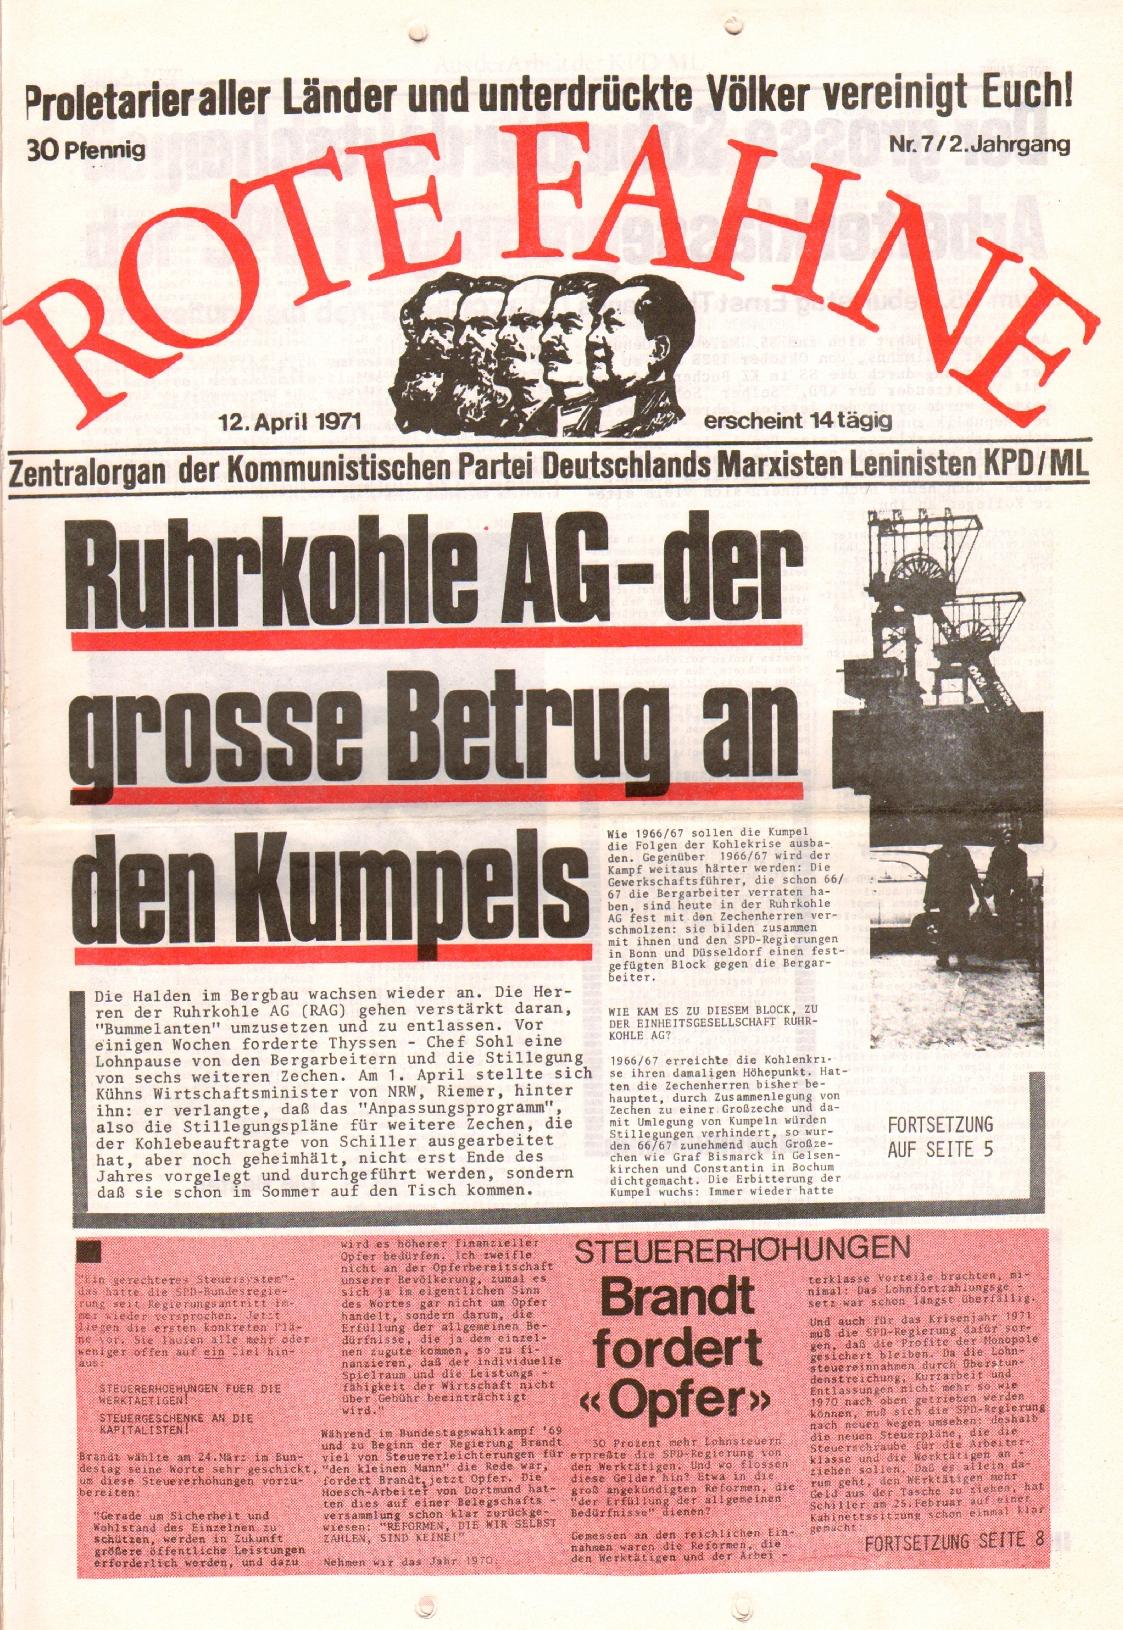 Rote Fahne, 2. Jg., 12.4.1971, Nr. 7, Seite 1